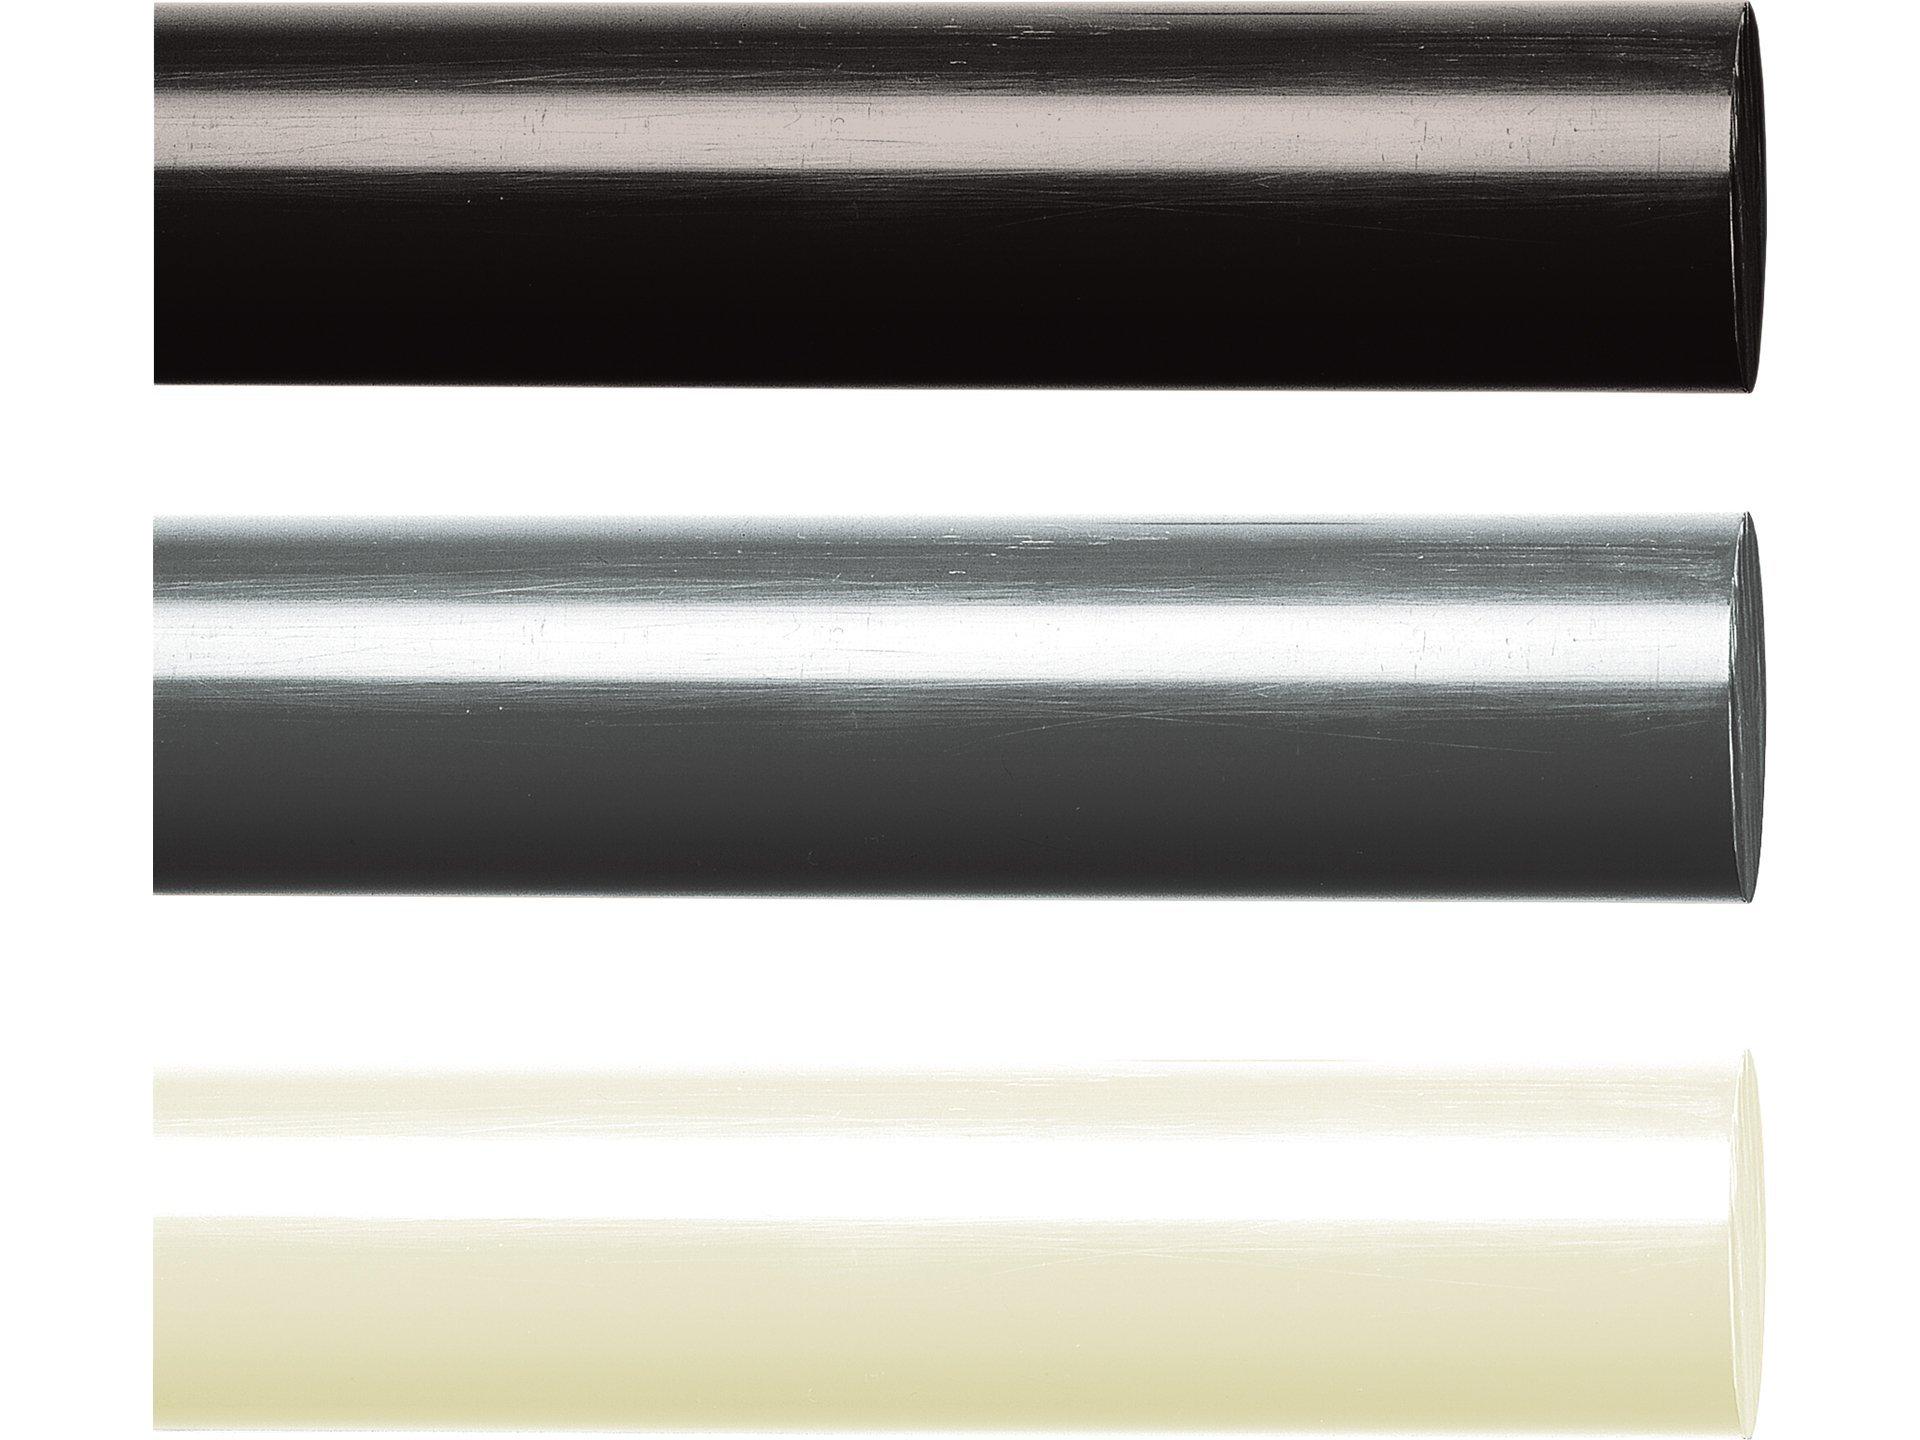 Kunststoffstab auf Zuschnitt POM Rundstab schwarz /Ø 5mm 80cm L: 800mm